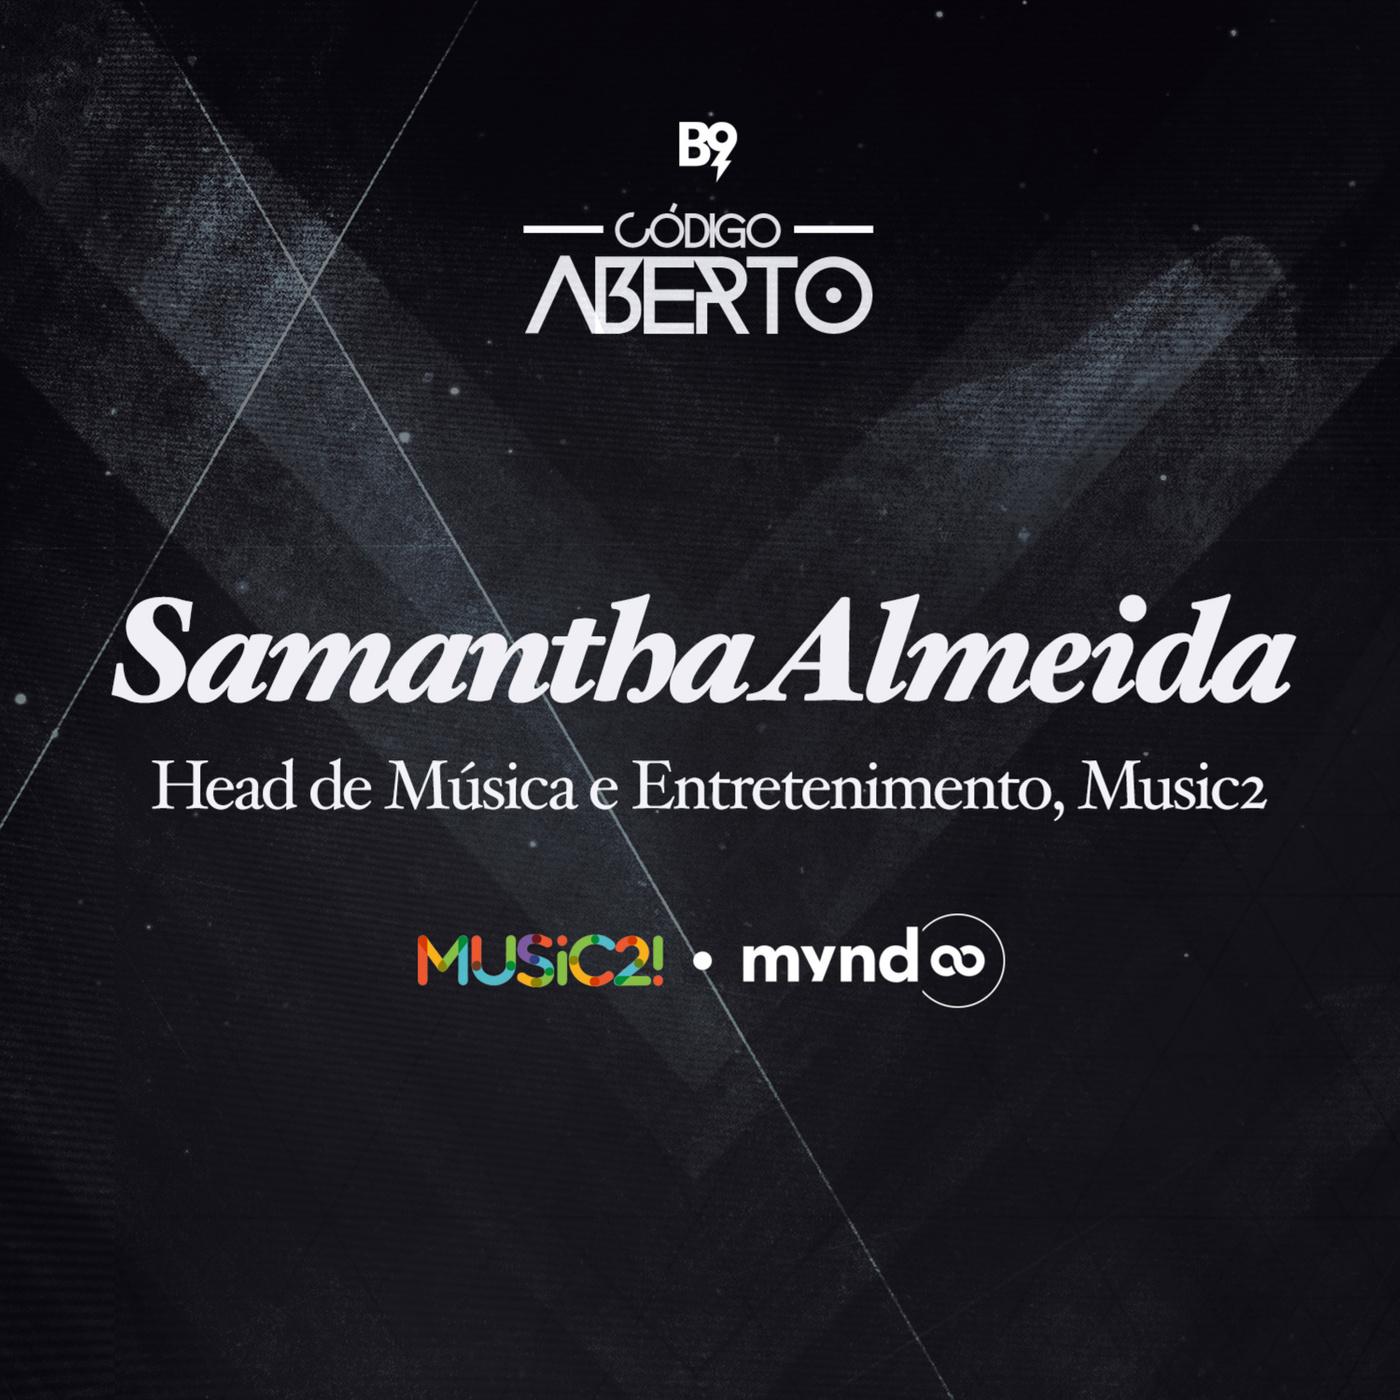 Samantha Almeida, Head de Música e Entretenimento, Music2